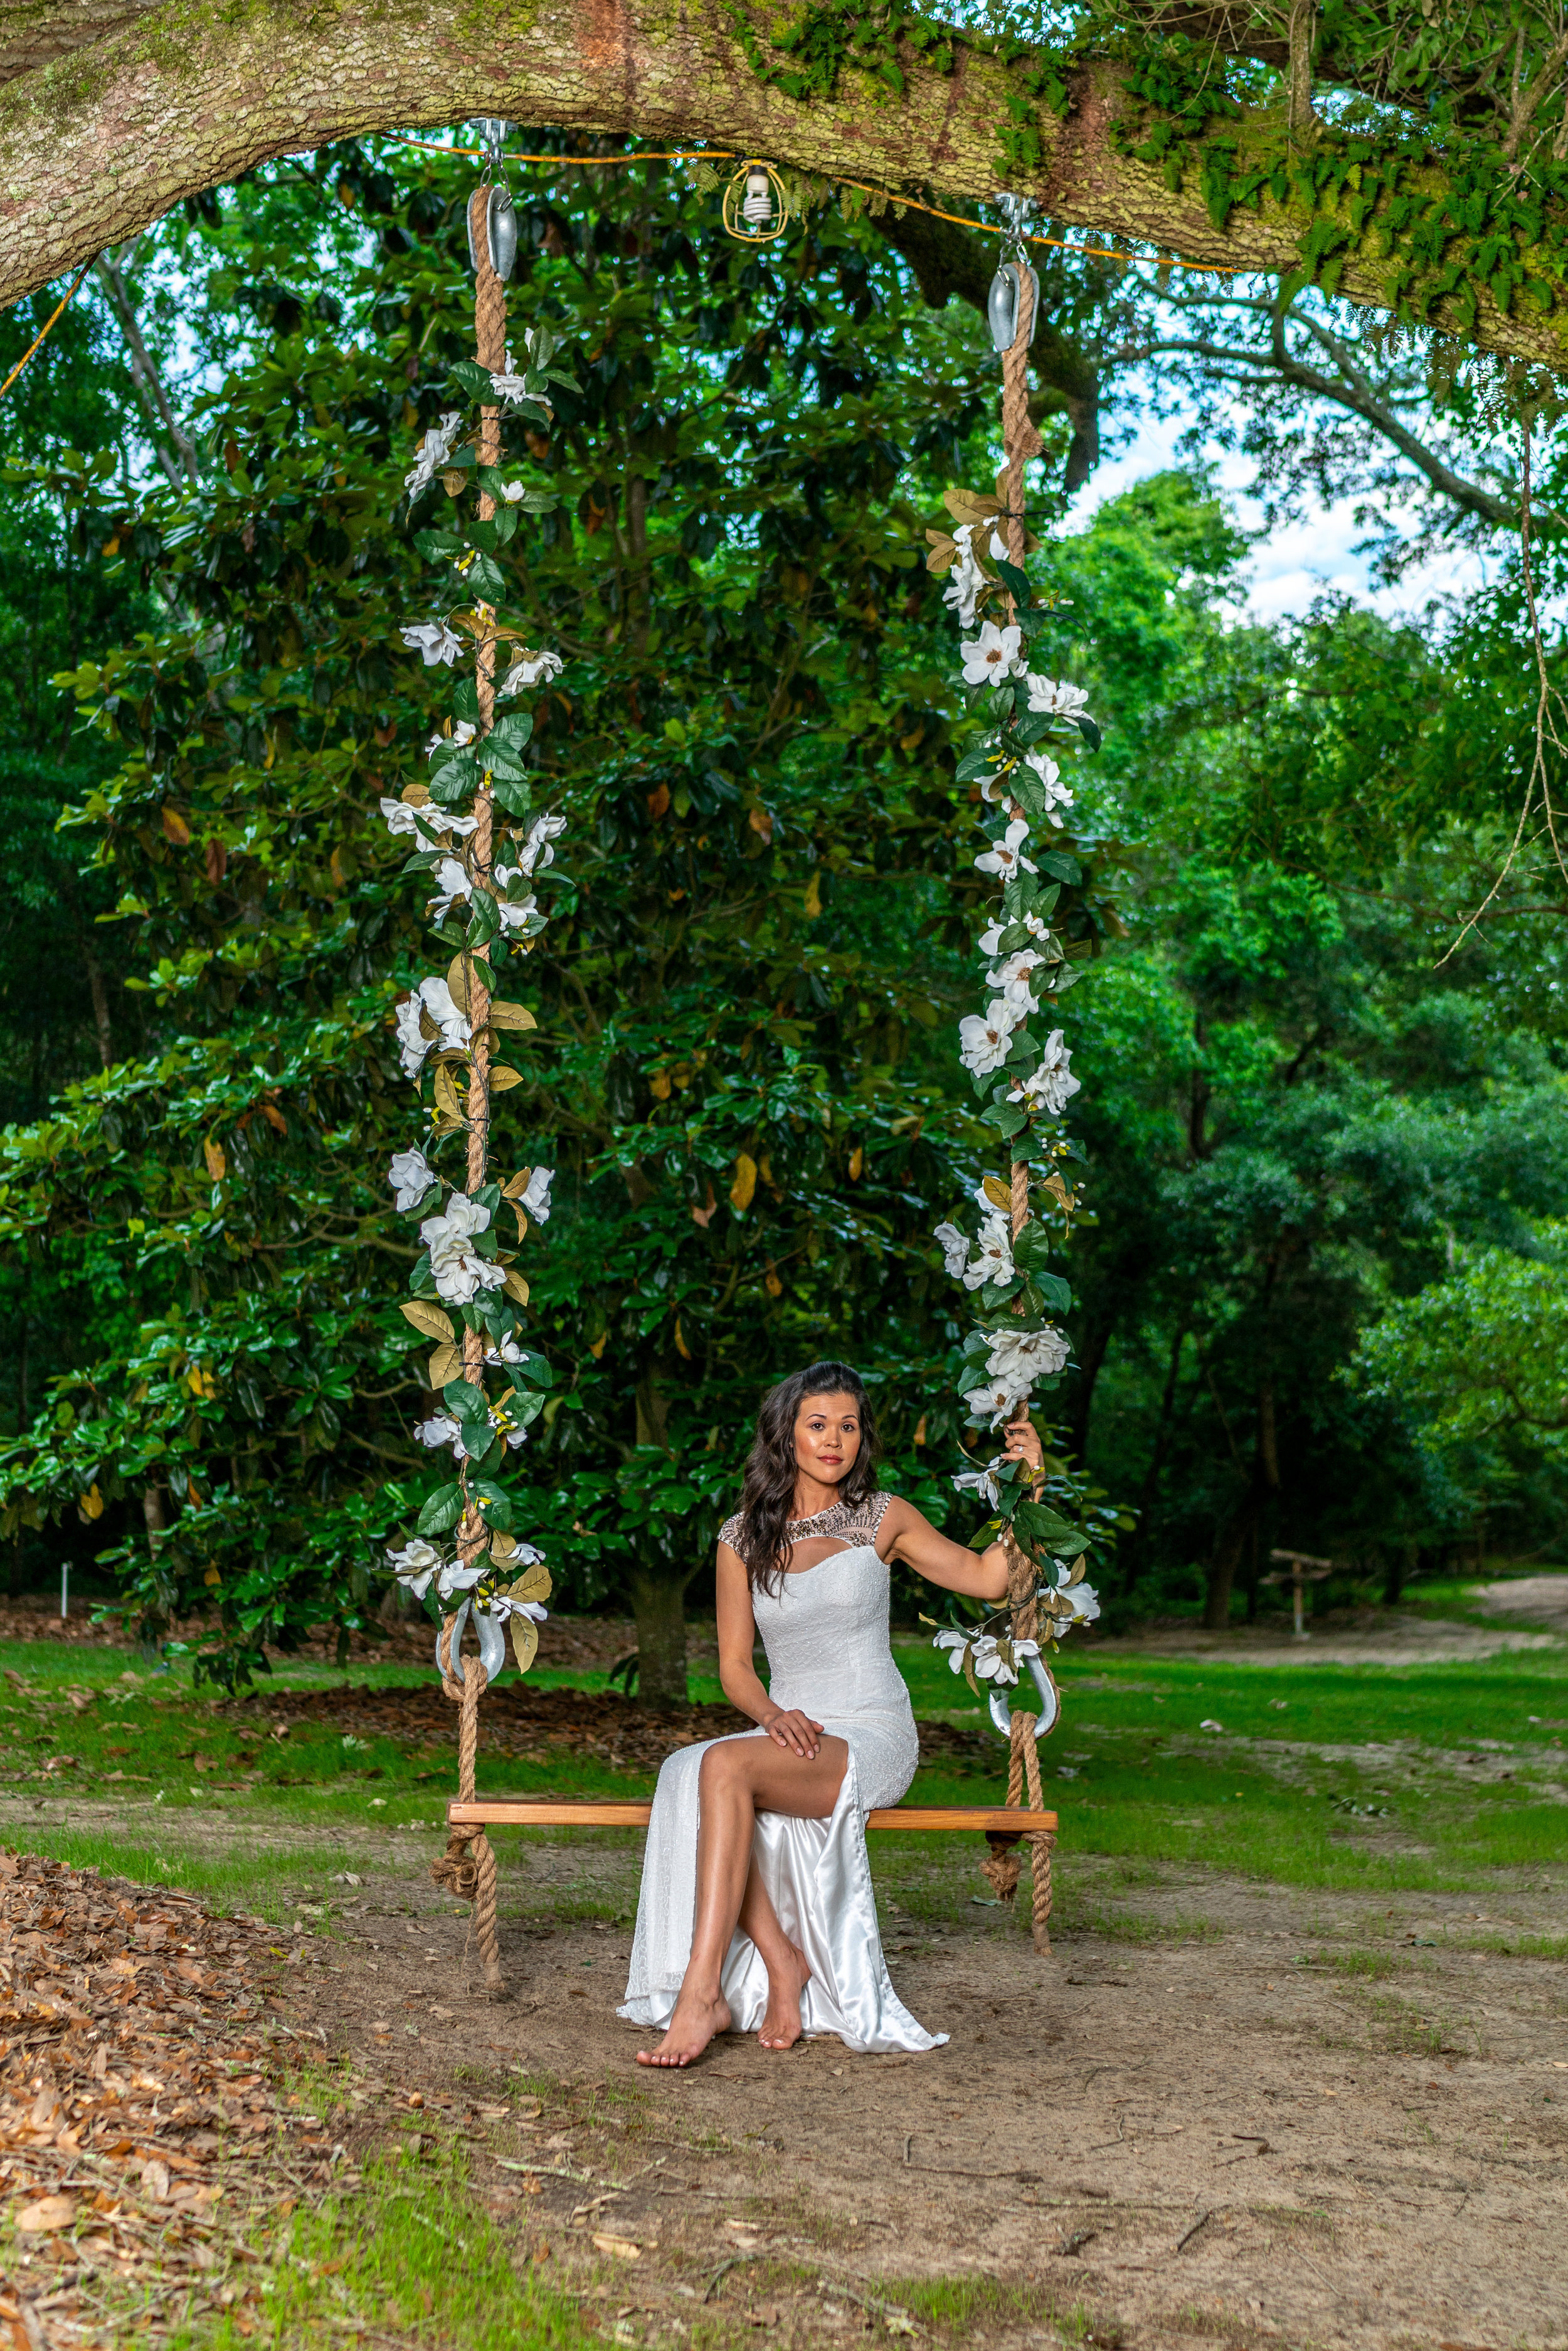 bride-swing-vintage-wedding-venue.jpg